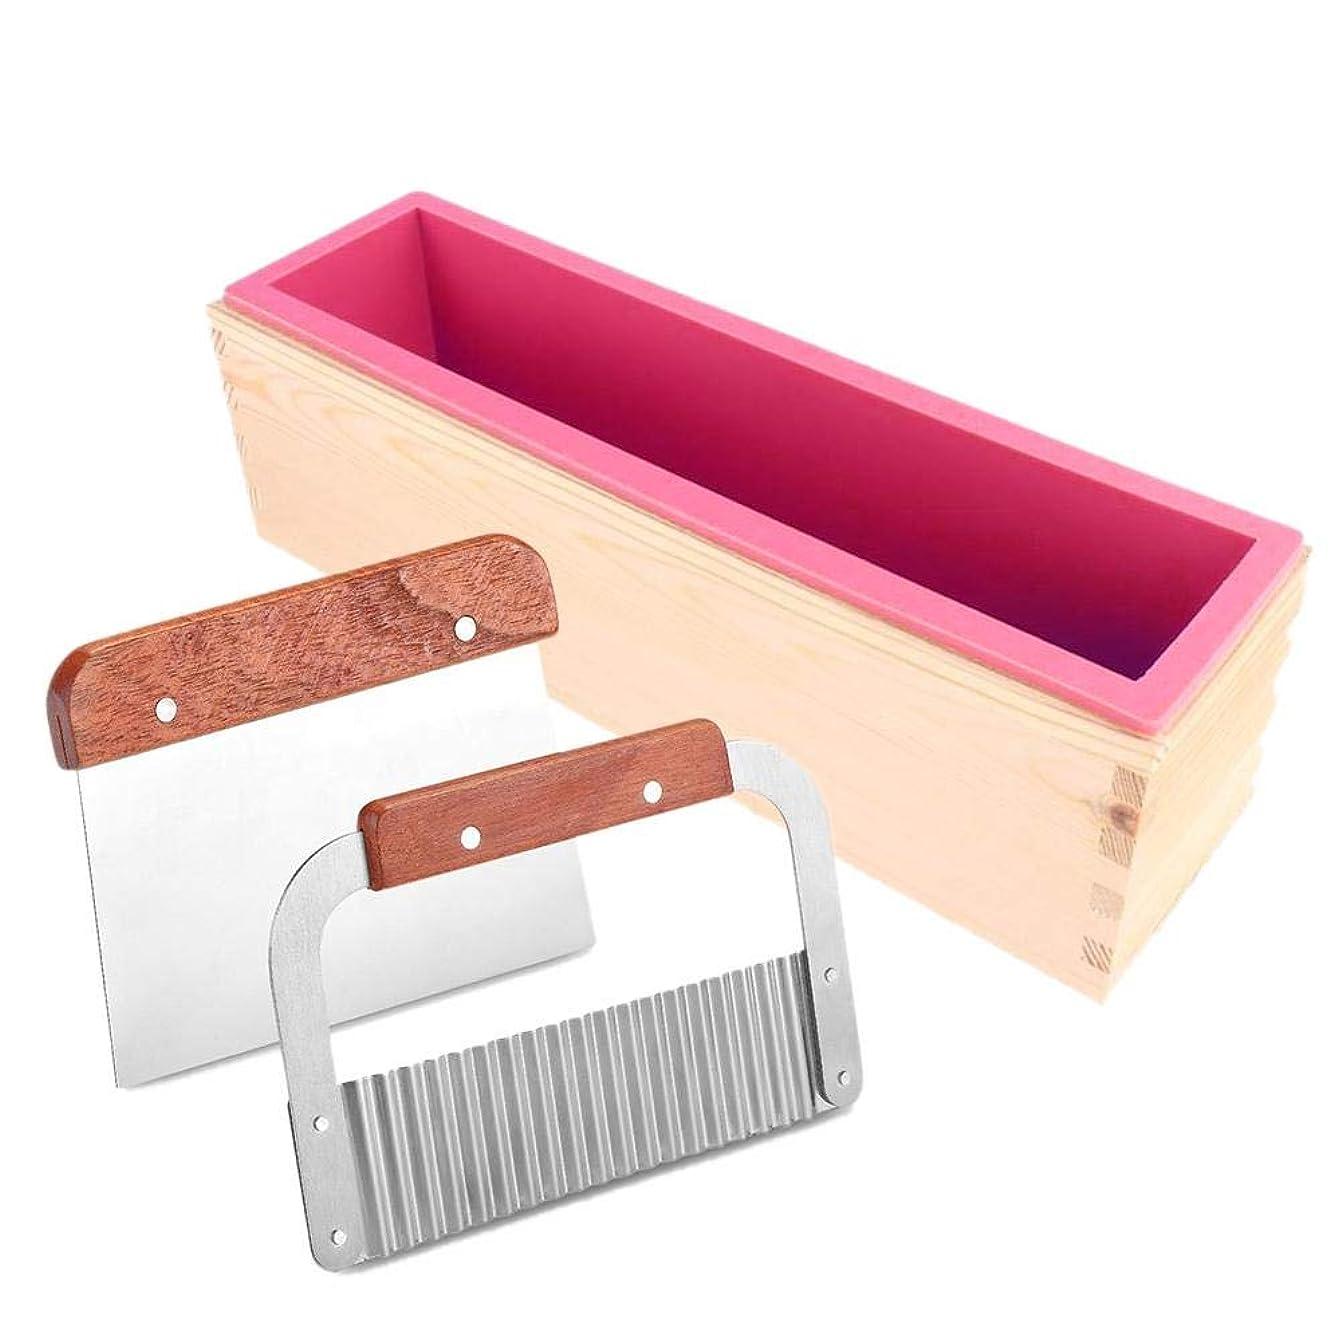 殉教者ブラケットクリーナーRagemのシリコーンの石鹸型 - 自家製の石鹸の作成のための2Pcsカッターの皮むき器が付いている長方形の木箱の石鹸の作成型